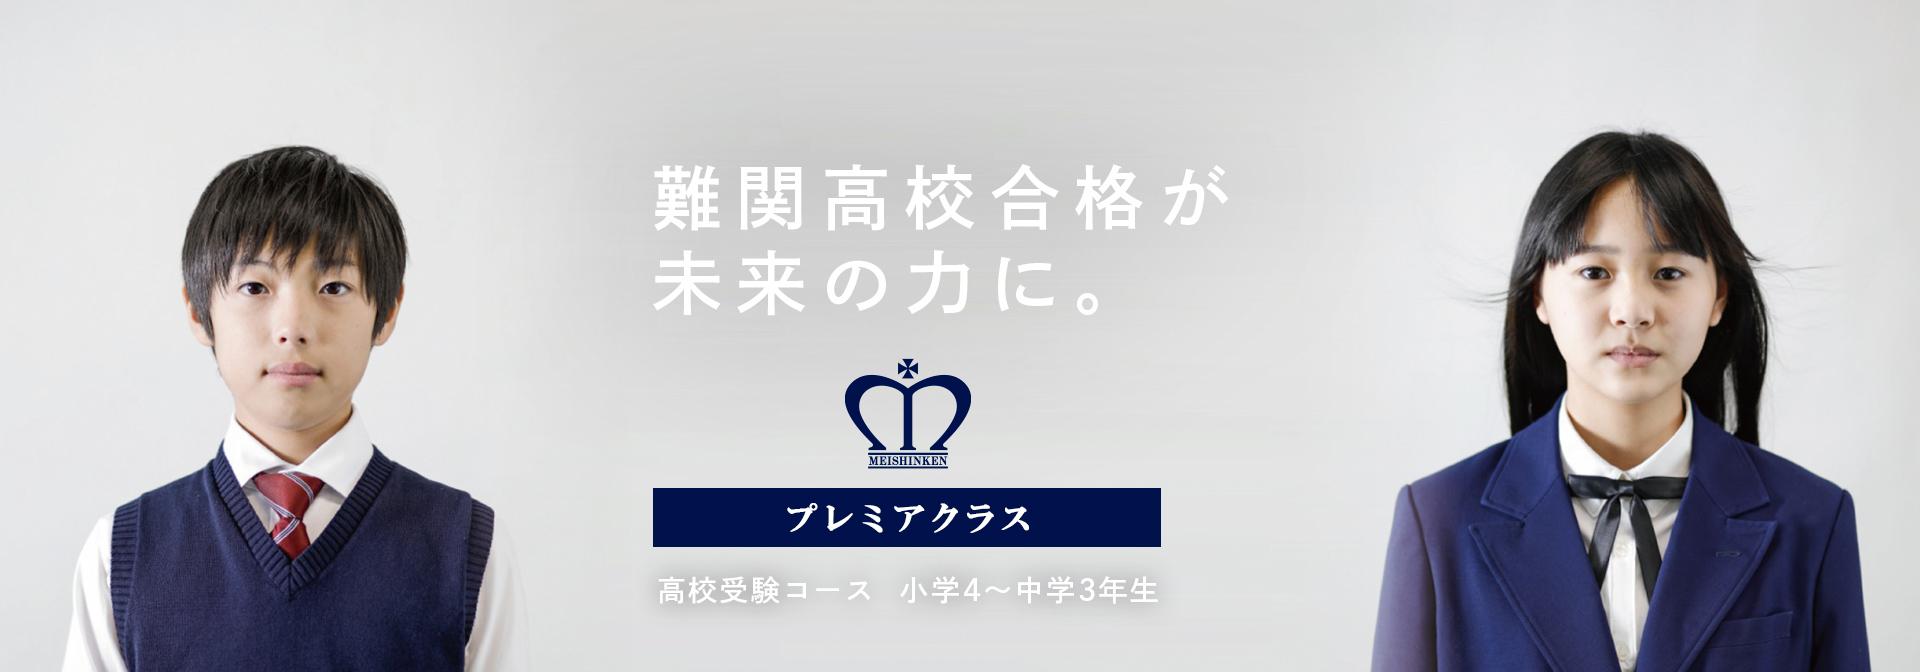 高校受験コース 2021年度 入会説明会・入会テスト